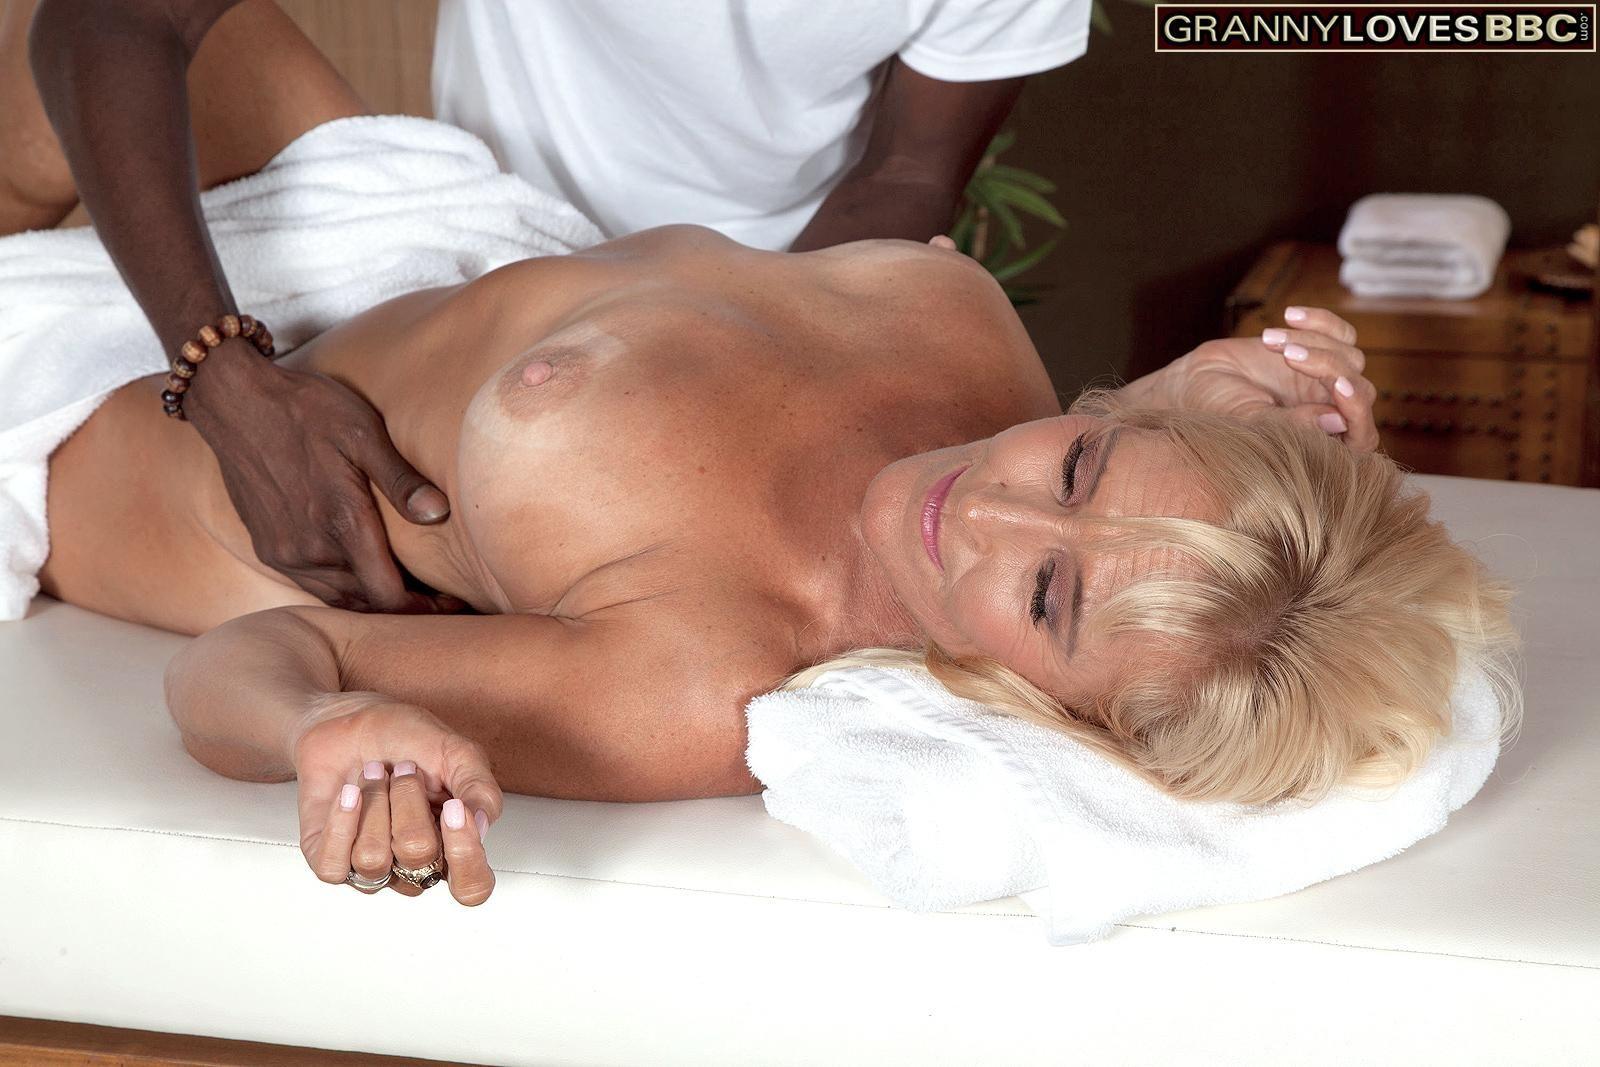 Fair-haired grannie Brittney Snow gets seduced by her black massage therapist